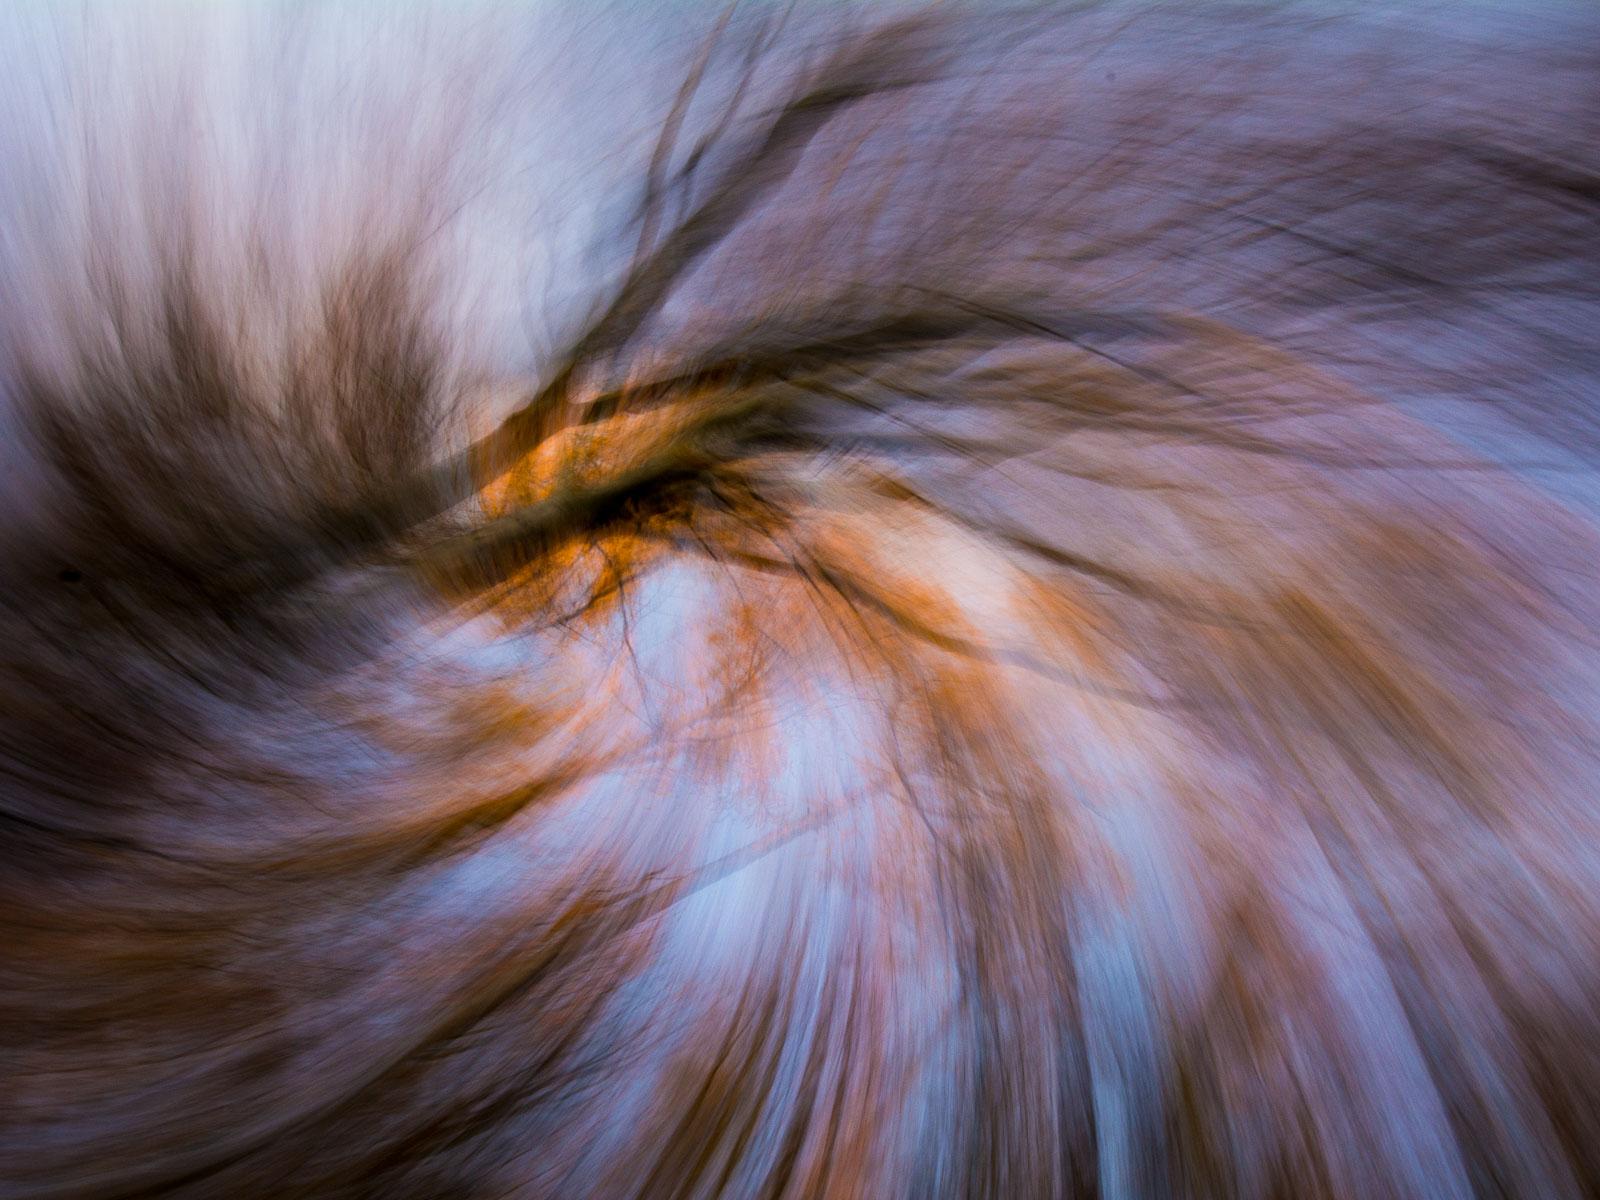 Malování světlem – pár tipů na abstraktní fotografii bez použití photoshopu